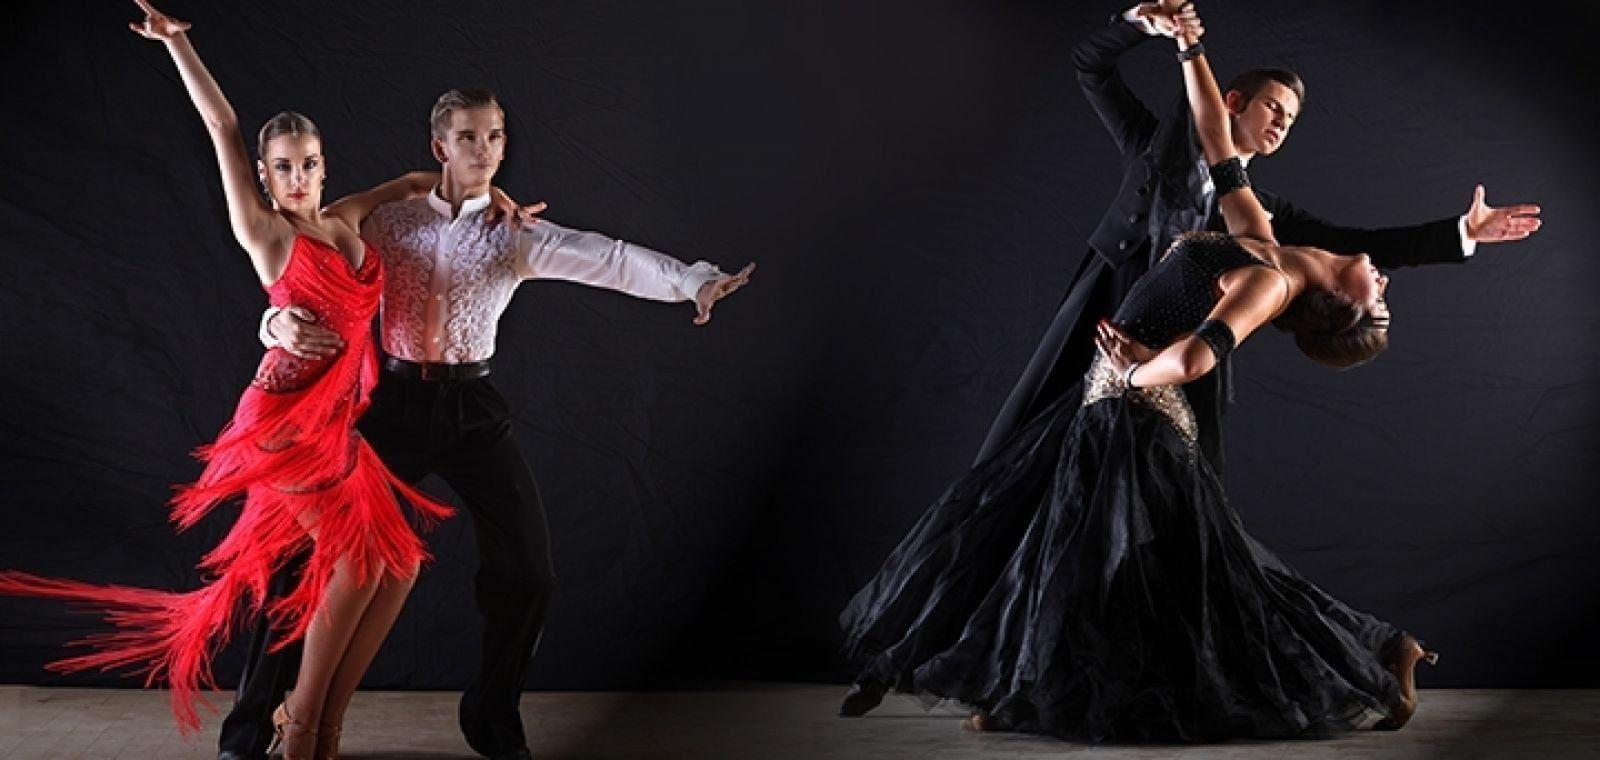 Обзор лучших танцевальных школ в Волгограде в 2021 году